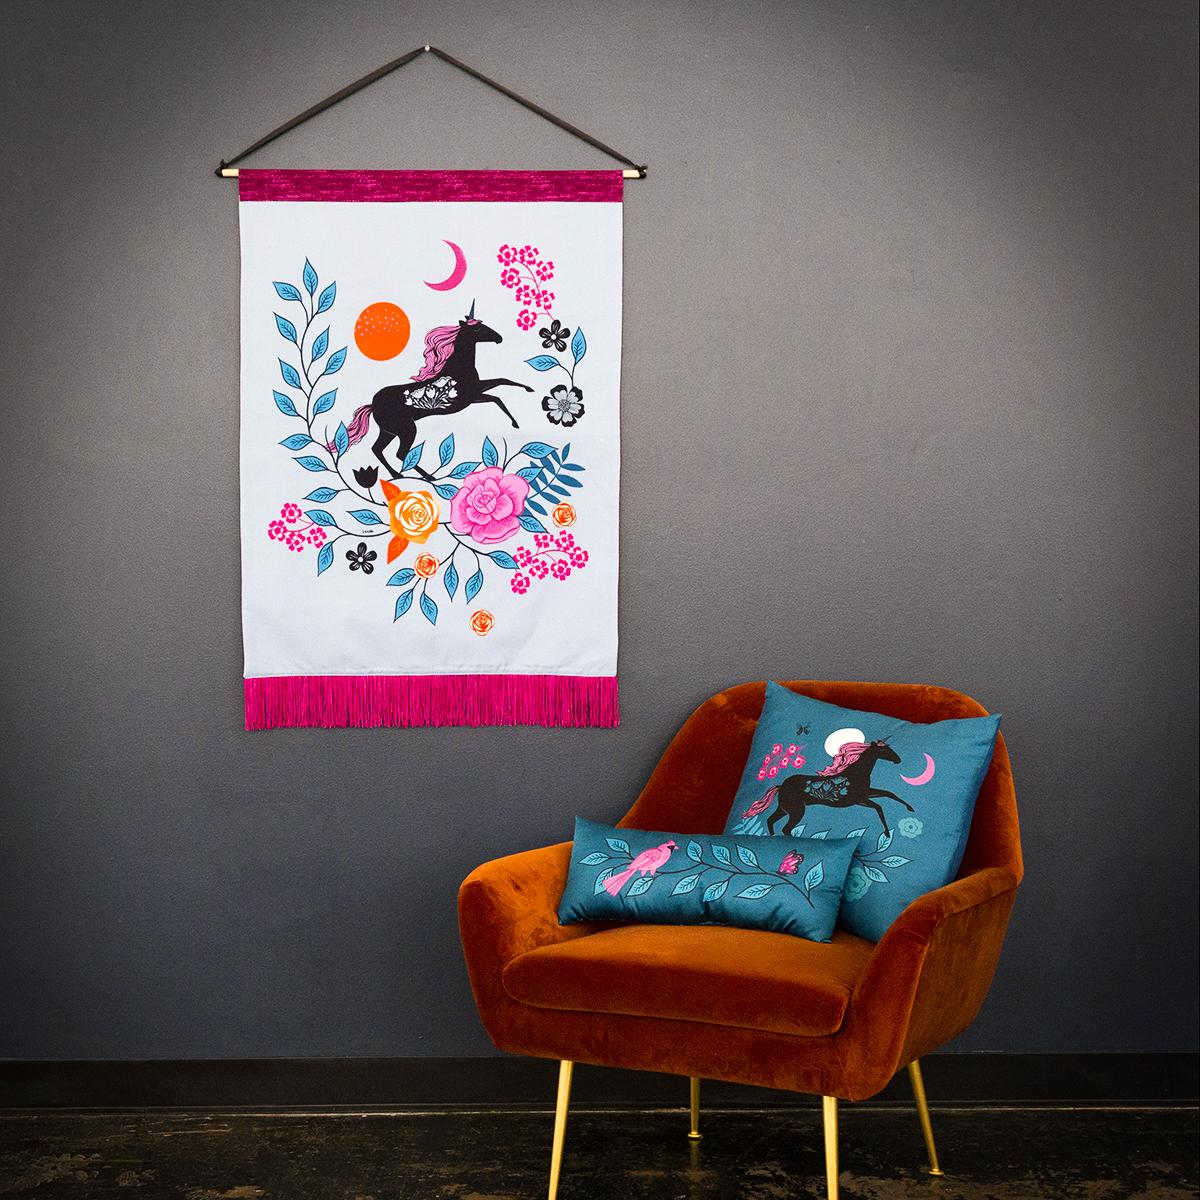 ambiance_crescent_brushed_unicorn_2019_04